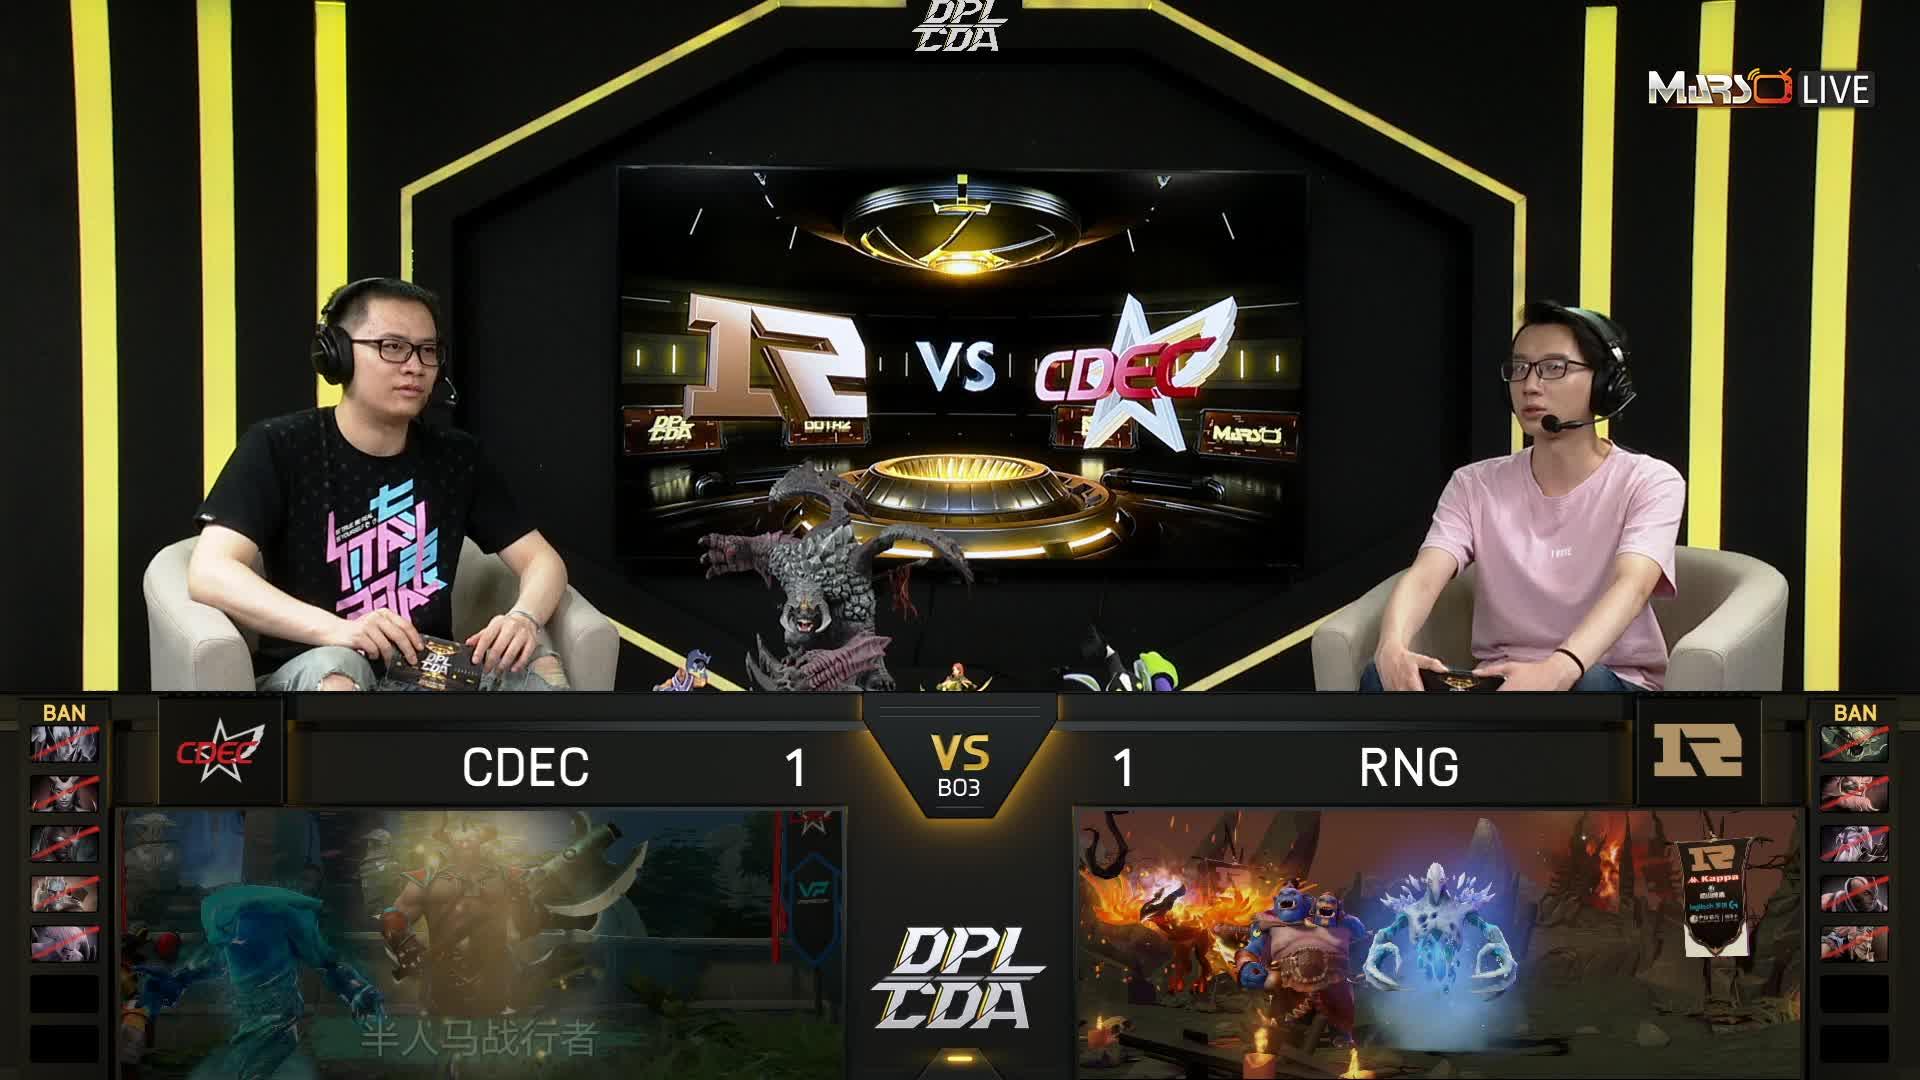 常规赛 RNG vs CDEC - 3